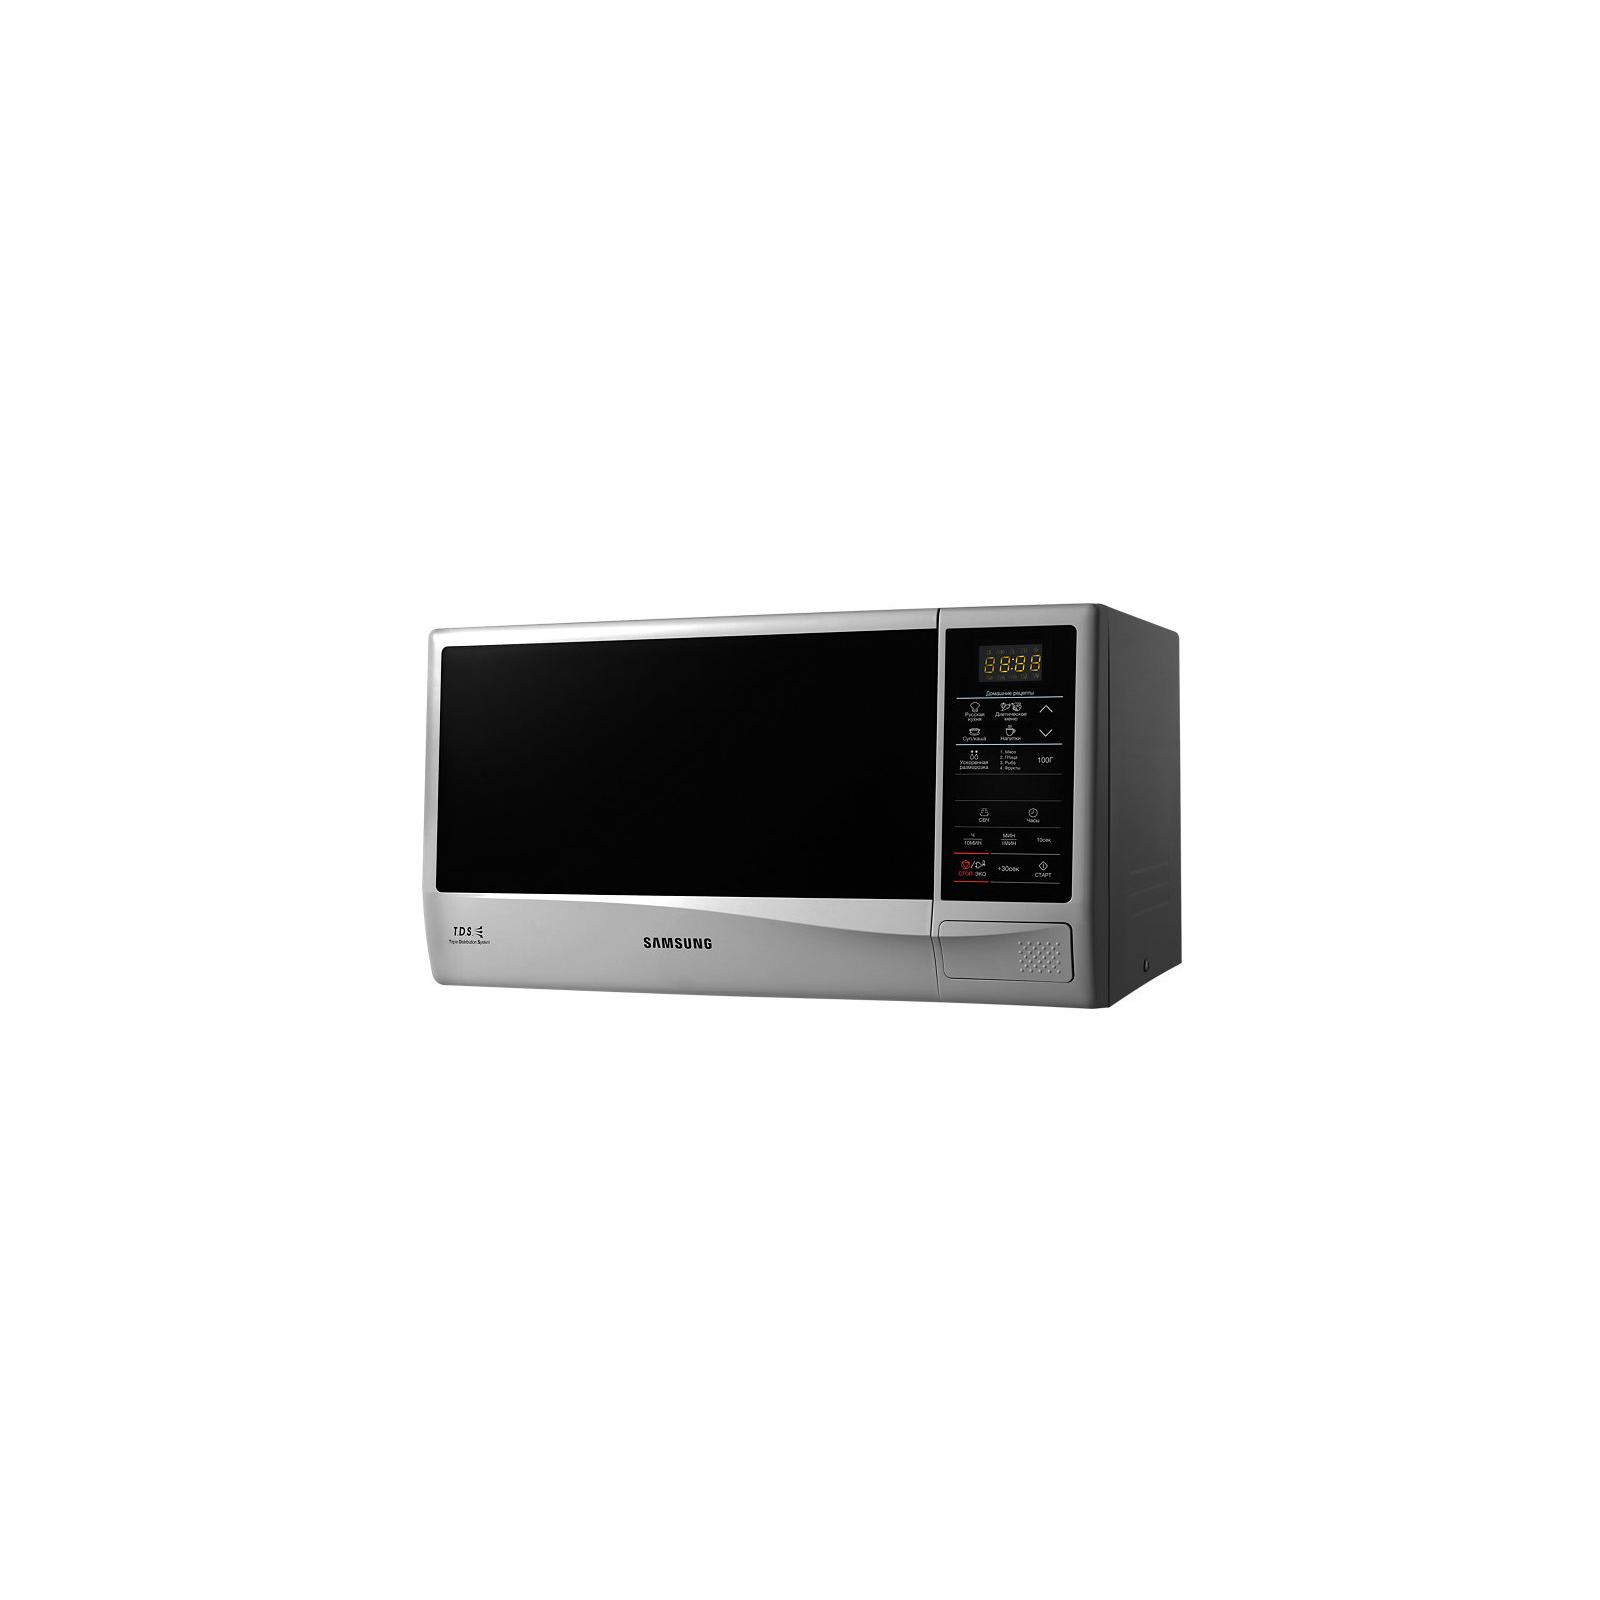 Микроволновая печь Samsung ME 83 KRS-2/BW (ME83KRS-2/BW) изображение 2